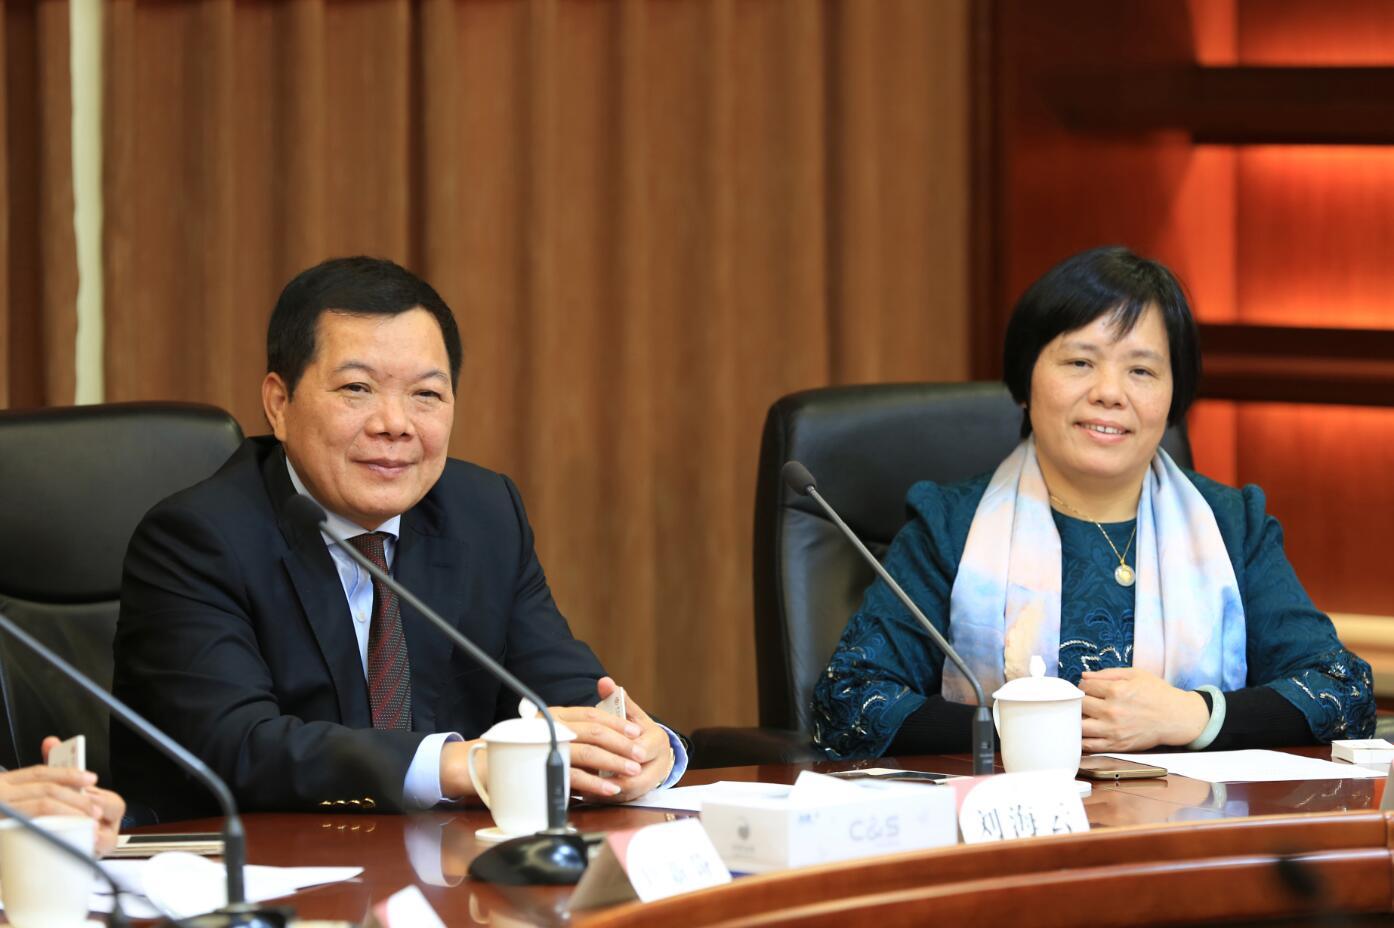 建艺集团董事长兼总裁刘海云(左一)及副总裁颜如珍(右一)出席签约